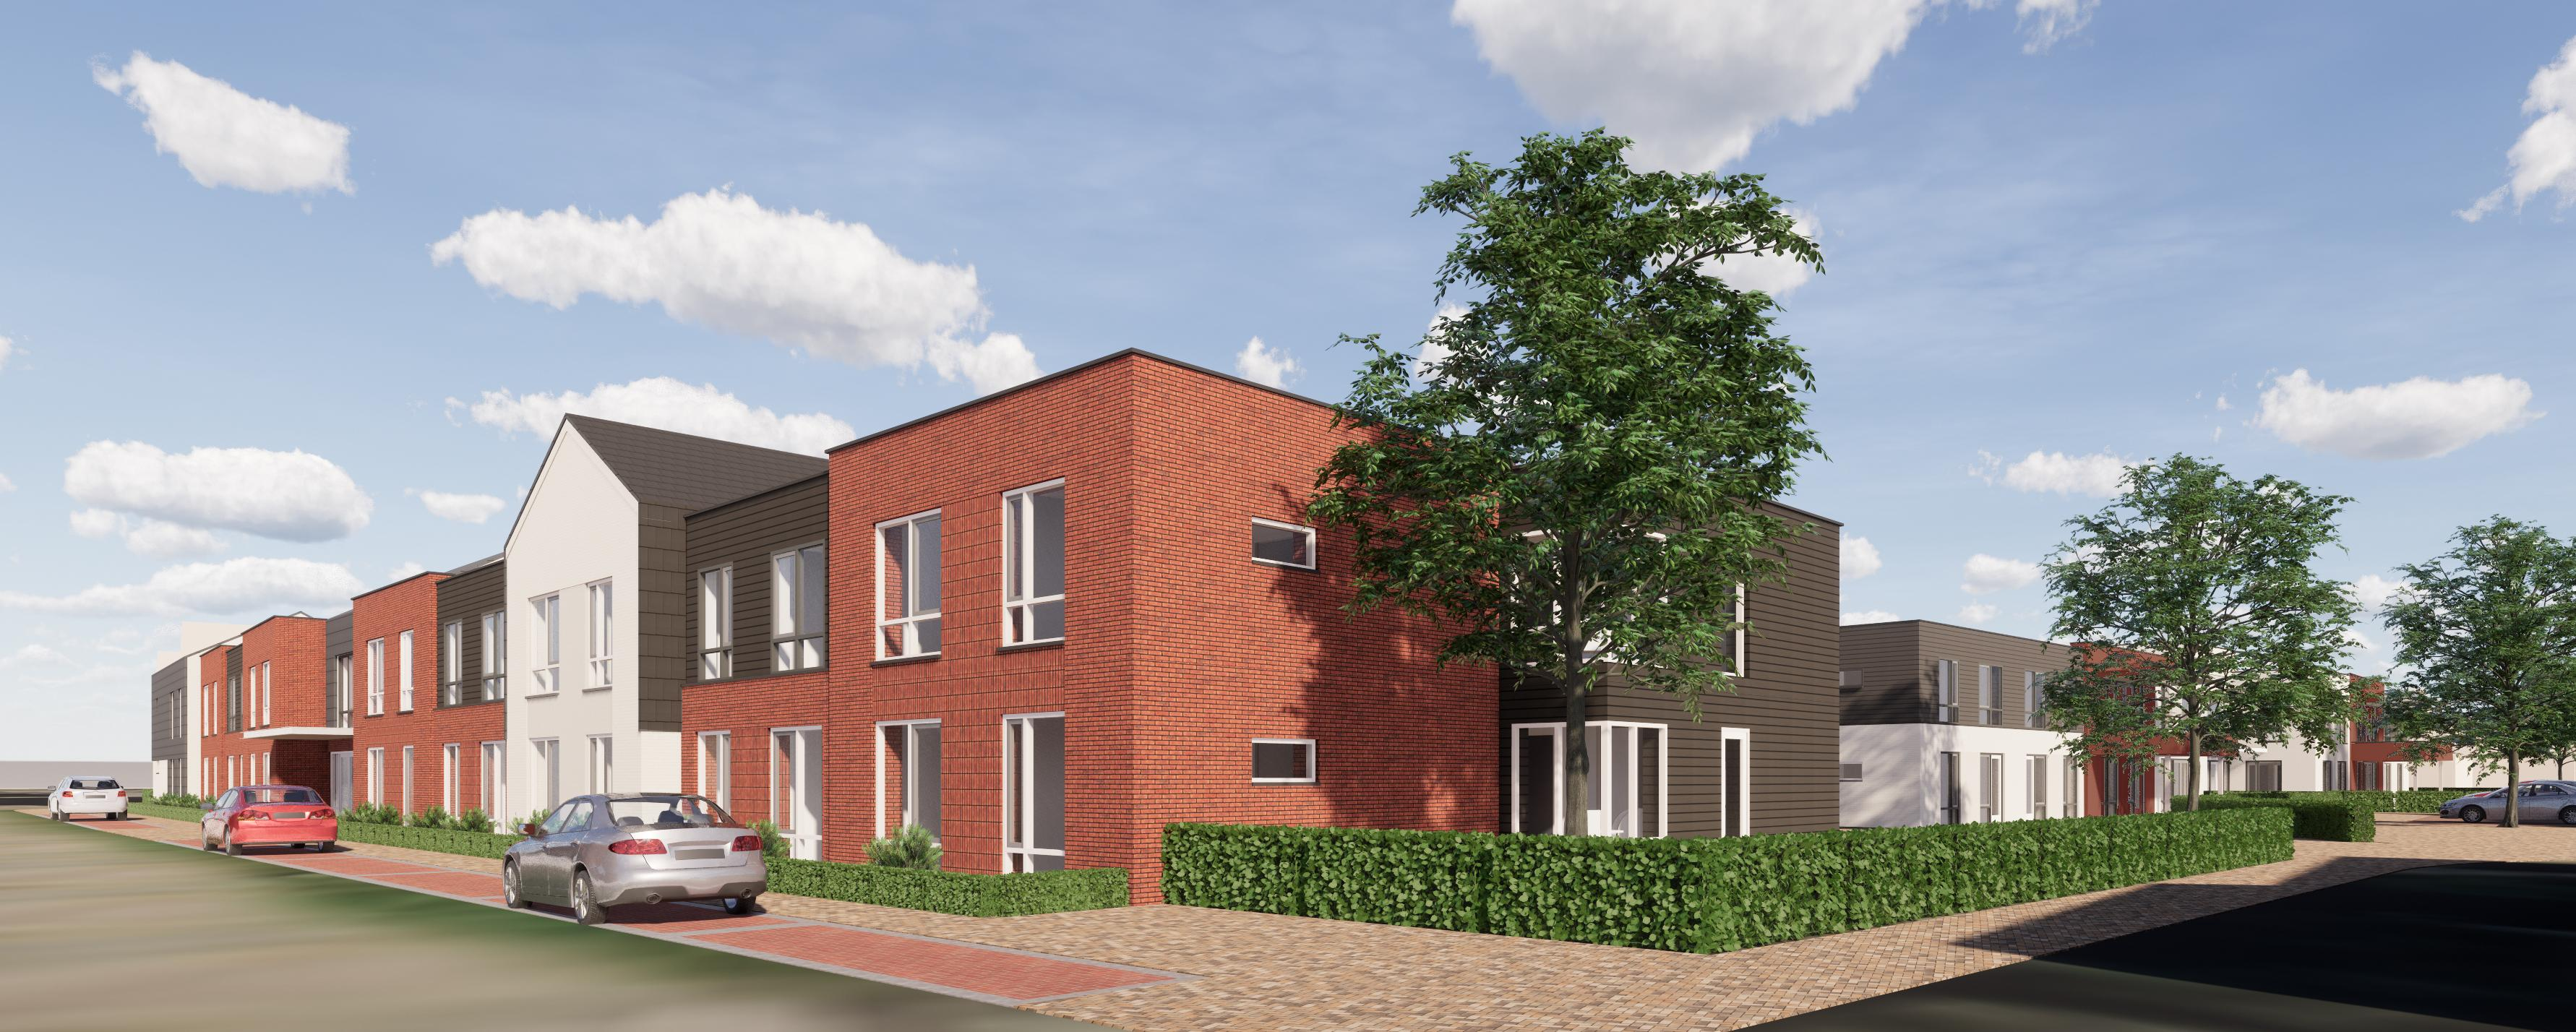 Nieuw Noorderlicht krijgt twee locaties in Hippolytushoef; bewoners verhuizen half september tijdelijk naar Wieringerwaard